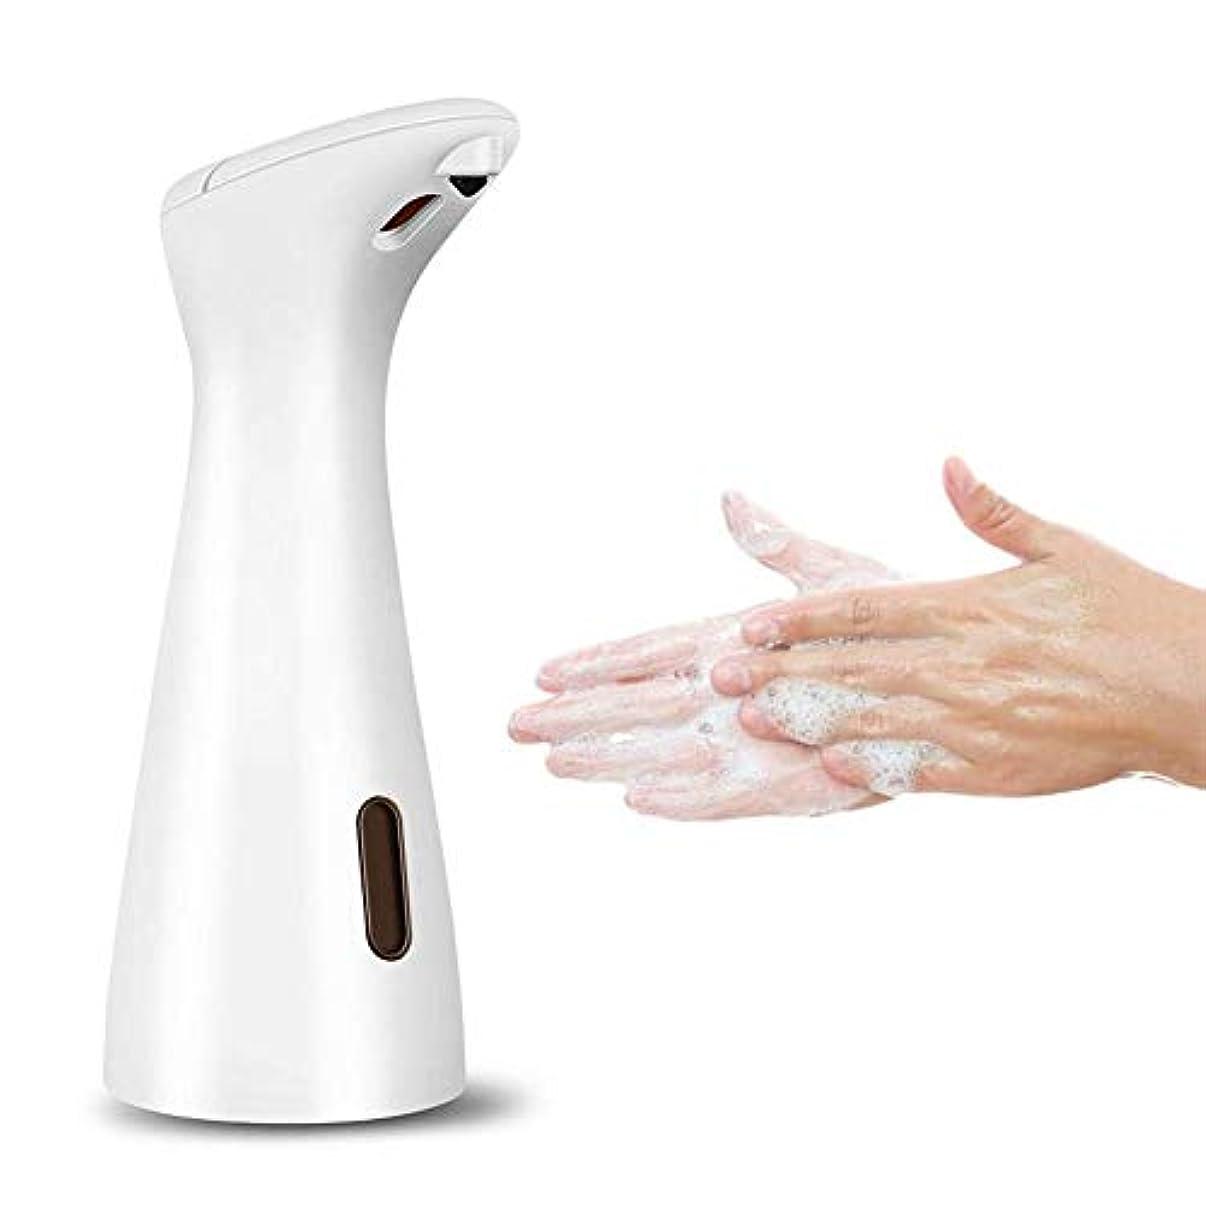 スマイル受付教師の日200ミリリットルスマート自動泡ソープディスペンサー誘導発泡手洗い機ポータブル液体ソープディスペンサー浴室キッチンツール